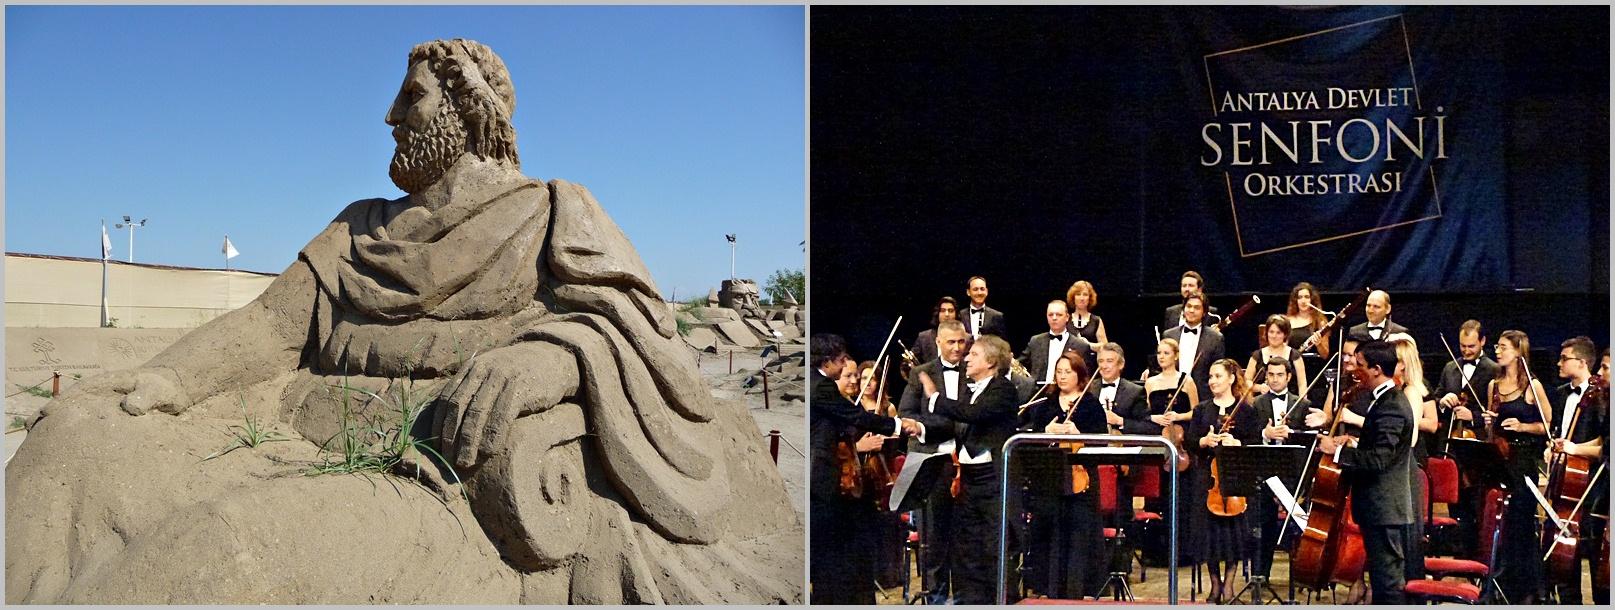 Sandskulpturen-Festival Antalya, Sinfonieorchester Antalya